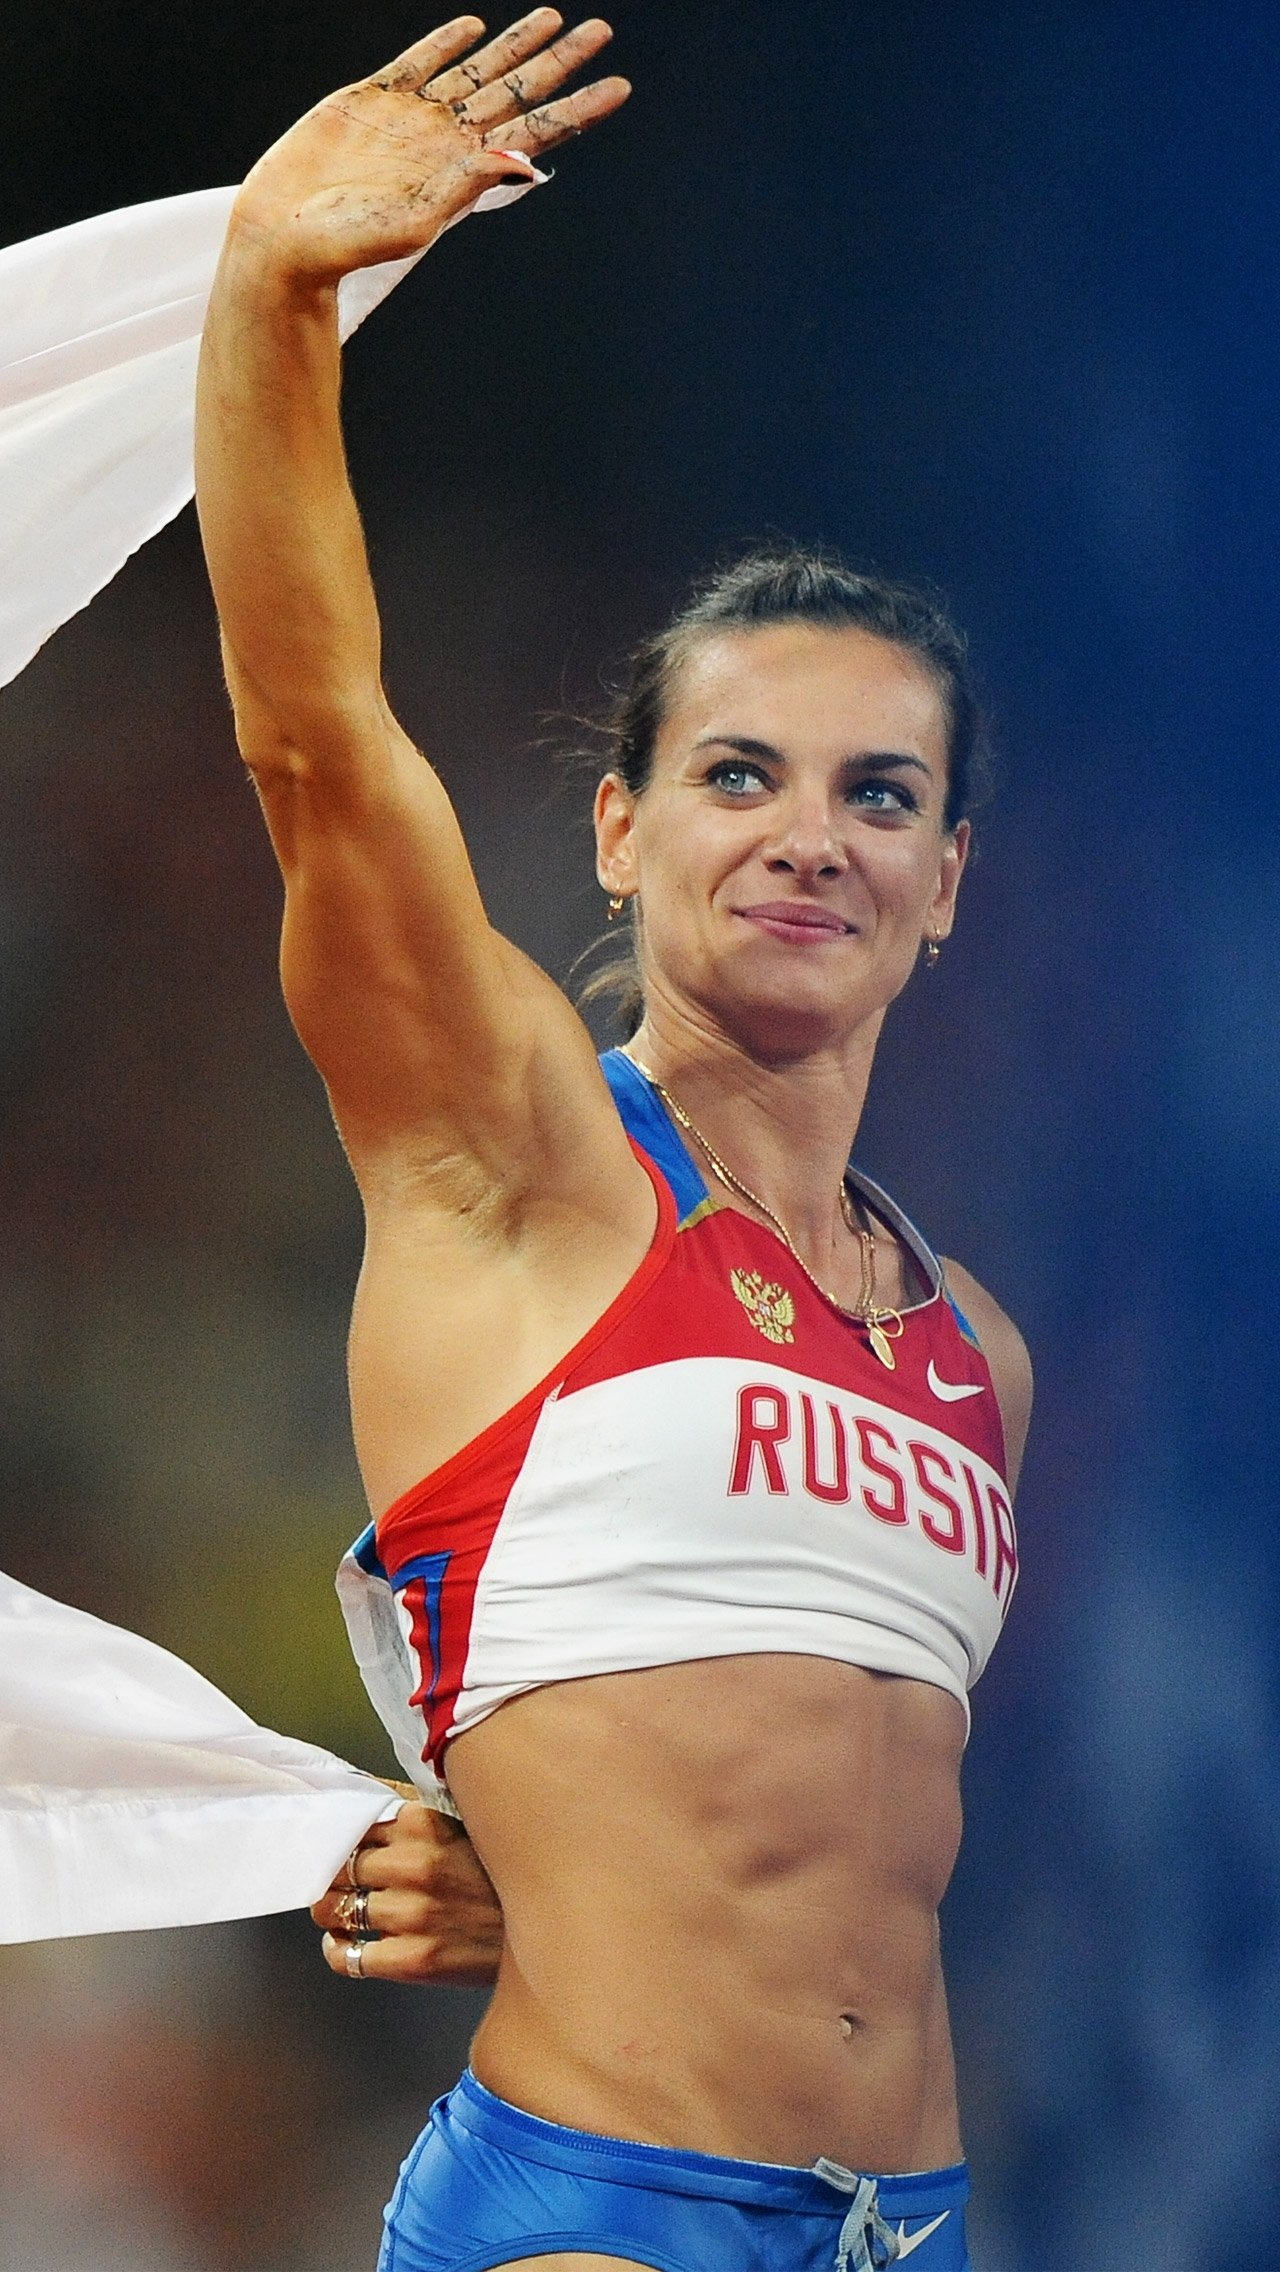 Елена Исинбаева – одна из самых известных российских легкоатлеток. За годы своей карьеры она выиграла две Олимпиады и установила множество мировых рекордов.